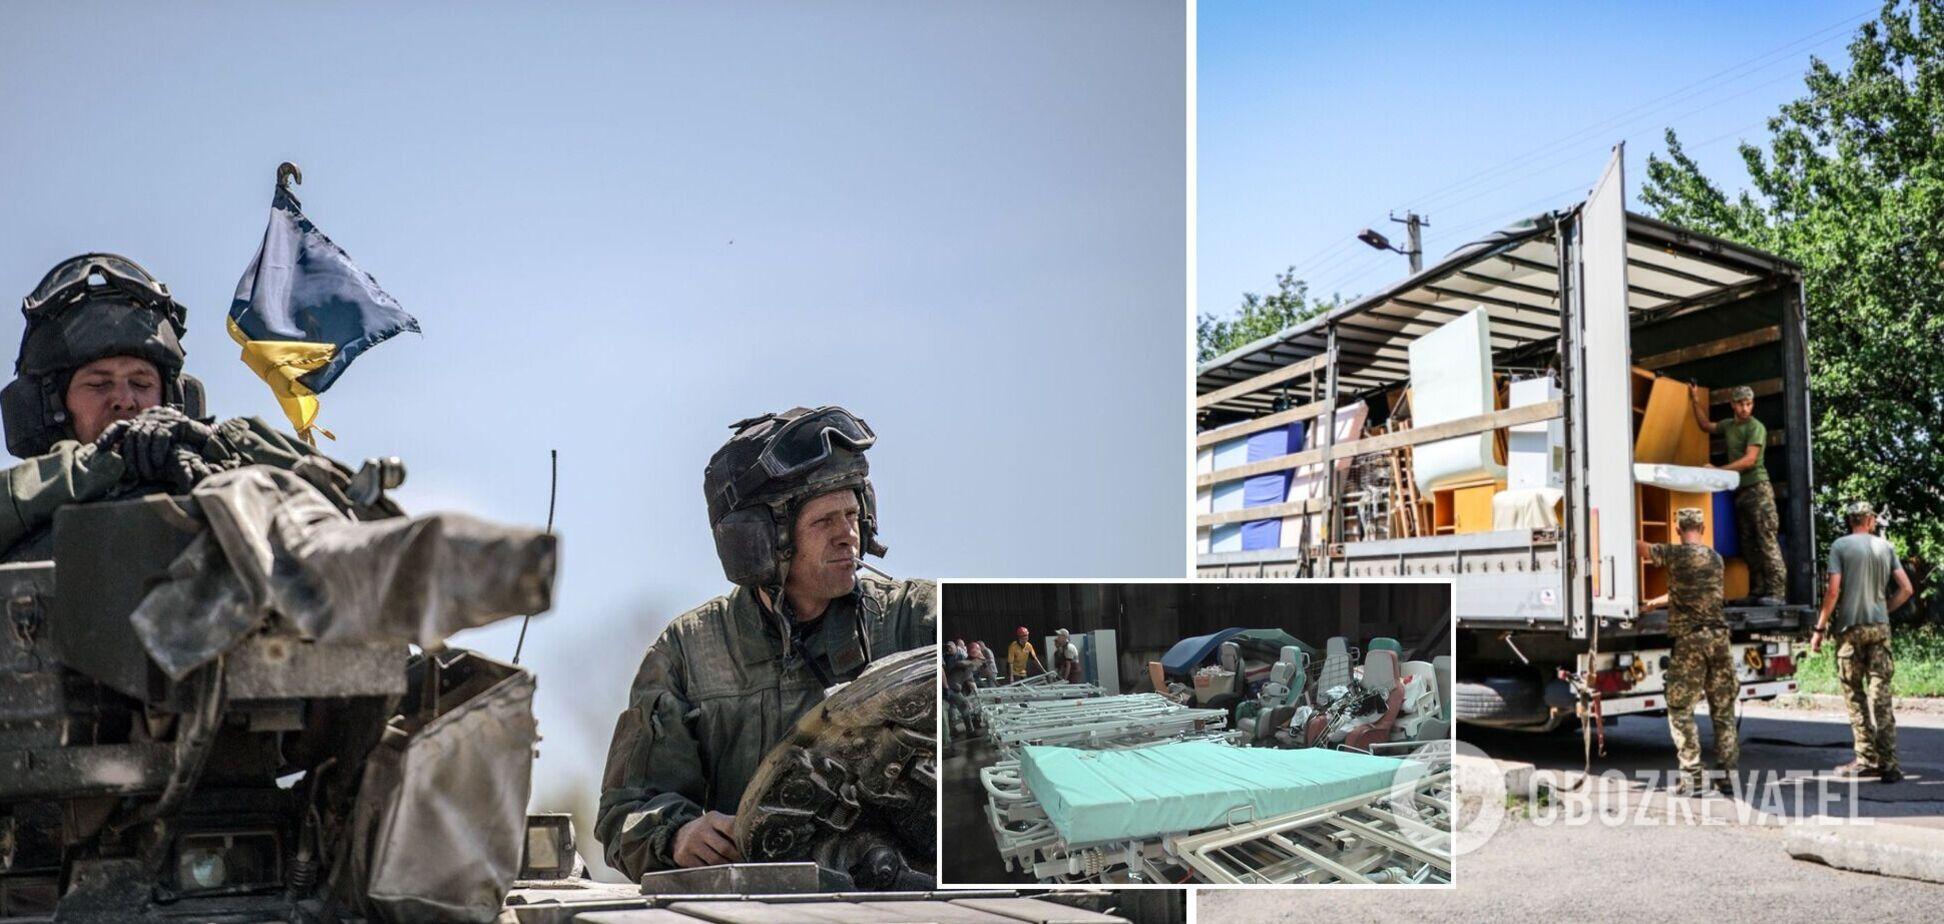 Франція передала українським військовим гуманітарну допомогу на 3 млн грн. Фото